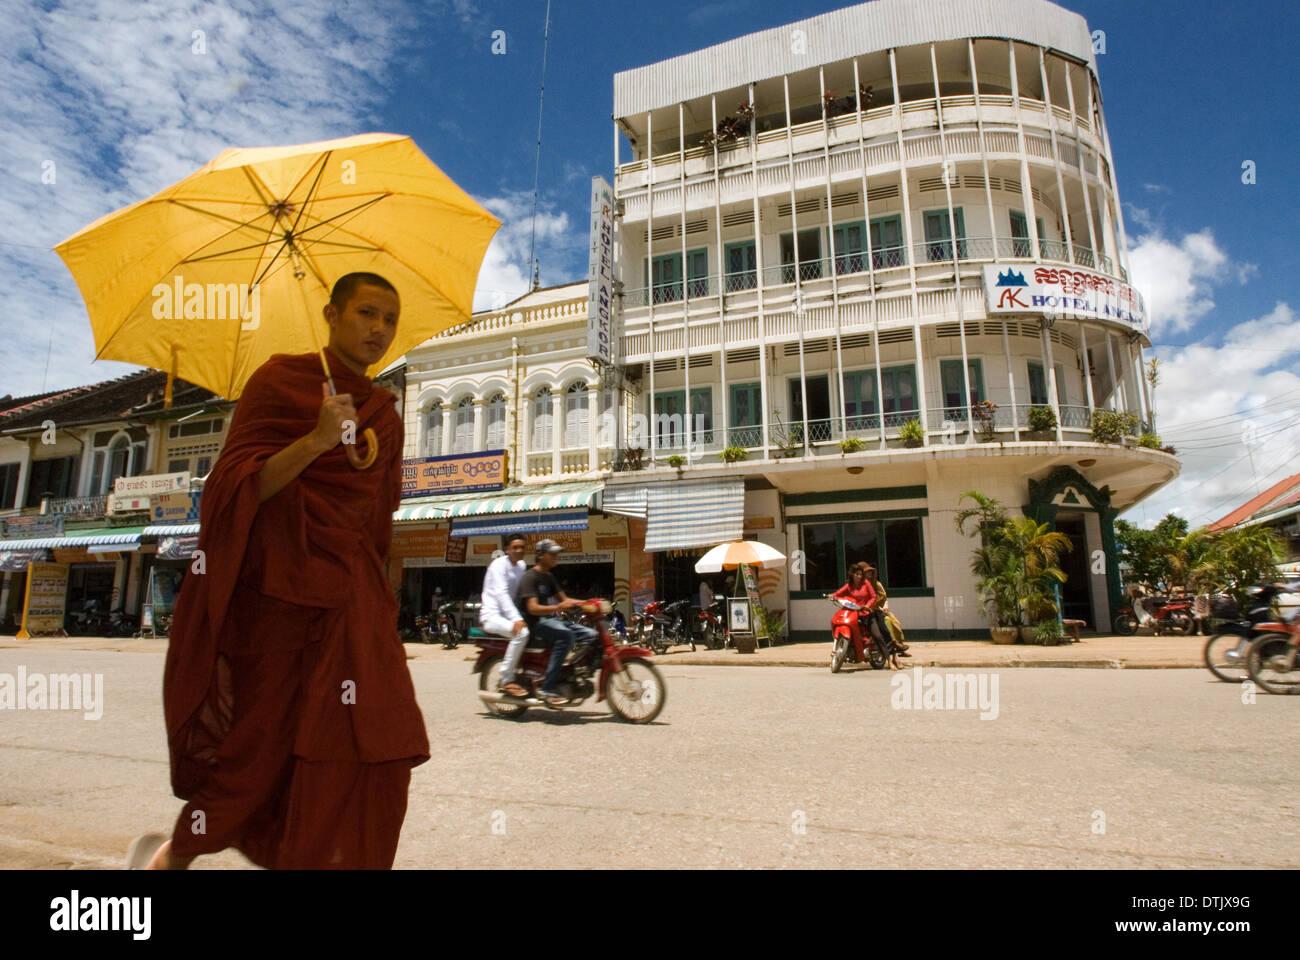 Monje budista caminando por las calles de Battambang. Battambang, Camboya es la segunda ciudad más grande y la capital de Battambang. Imagen De Stock